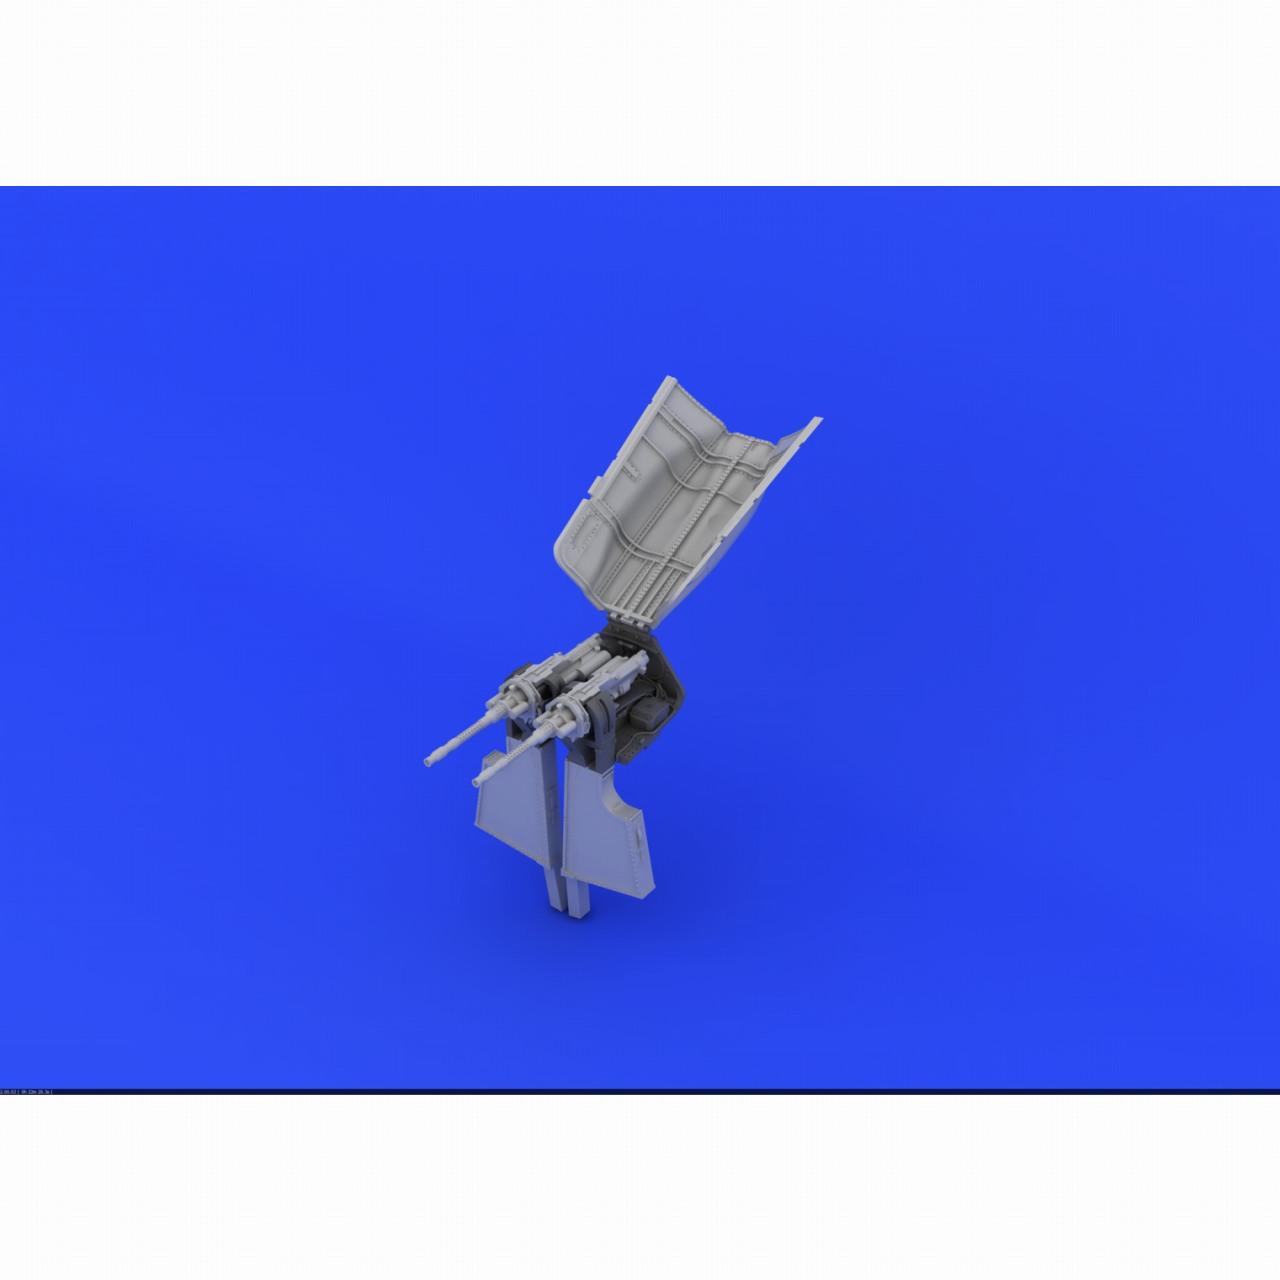 【新製品】ブラッシン632122 フォッケウルフ Fw190A-8 胴体内MG131機銃マウント